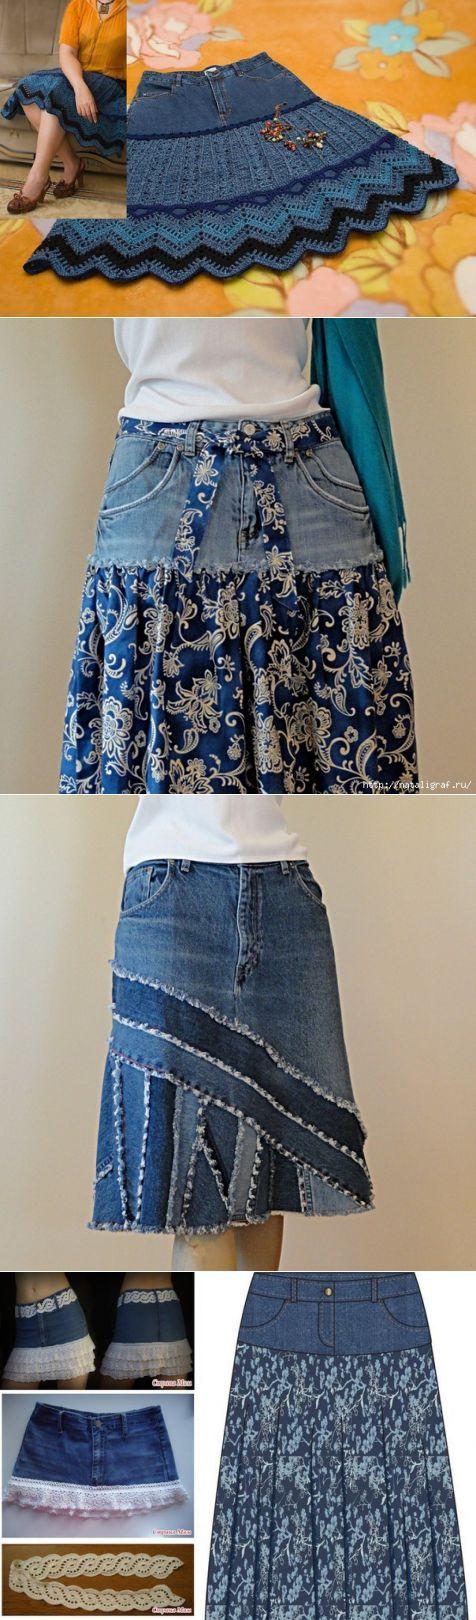 Коллекция изделий из старых джинсов / Прочие виды рукоделия / Шитье